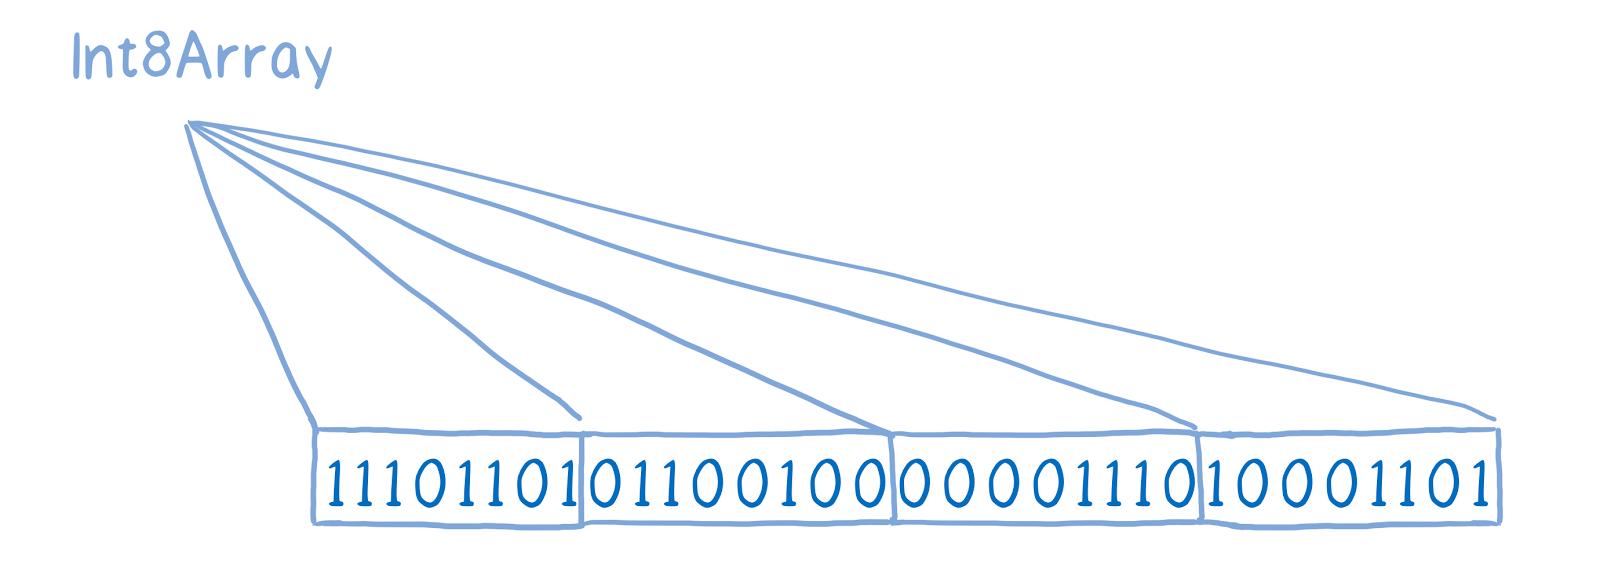 ArrayBuffer и SharedArrayBuffer в JavaScript, часть 2: знакомство с новыми объектами языка - 6